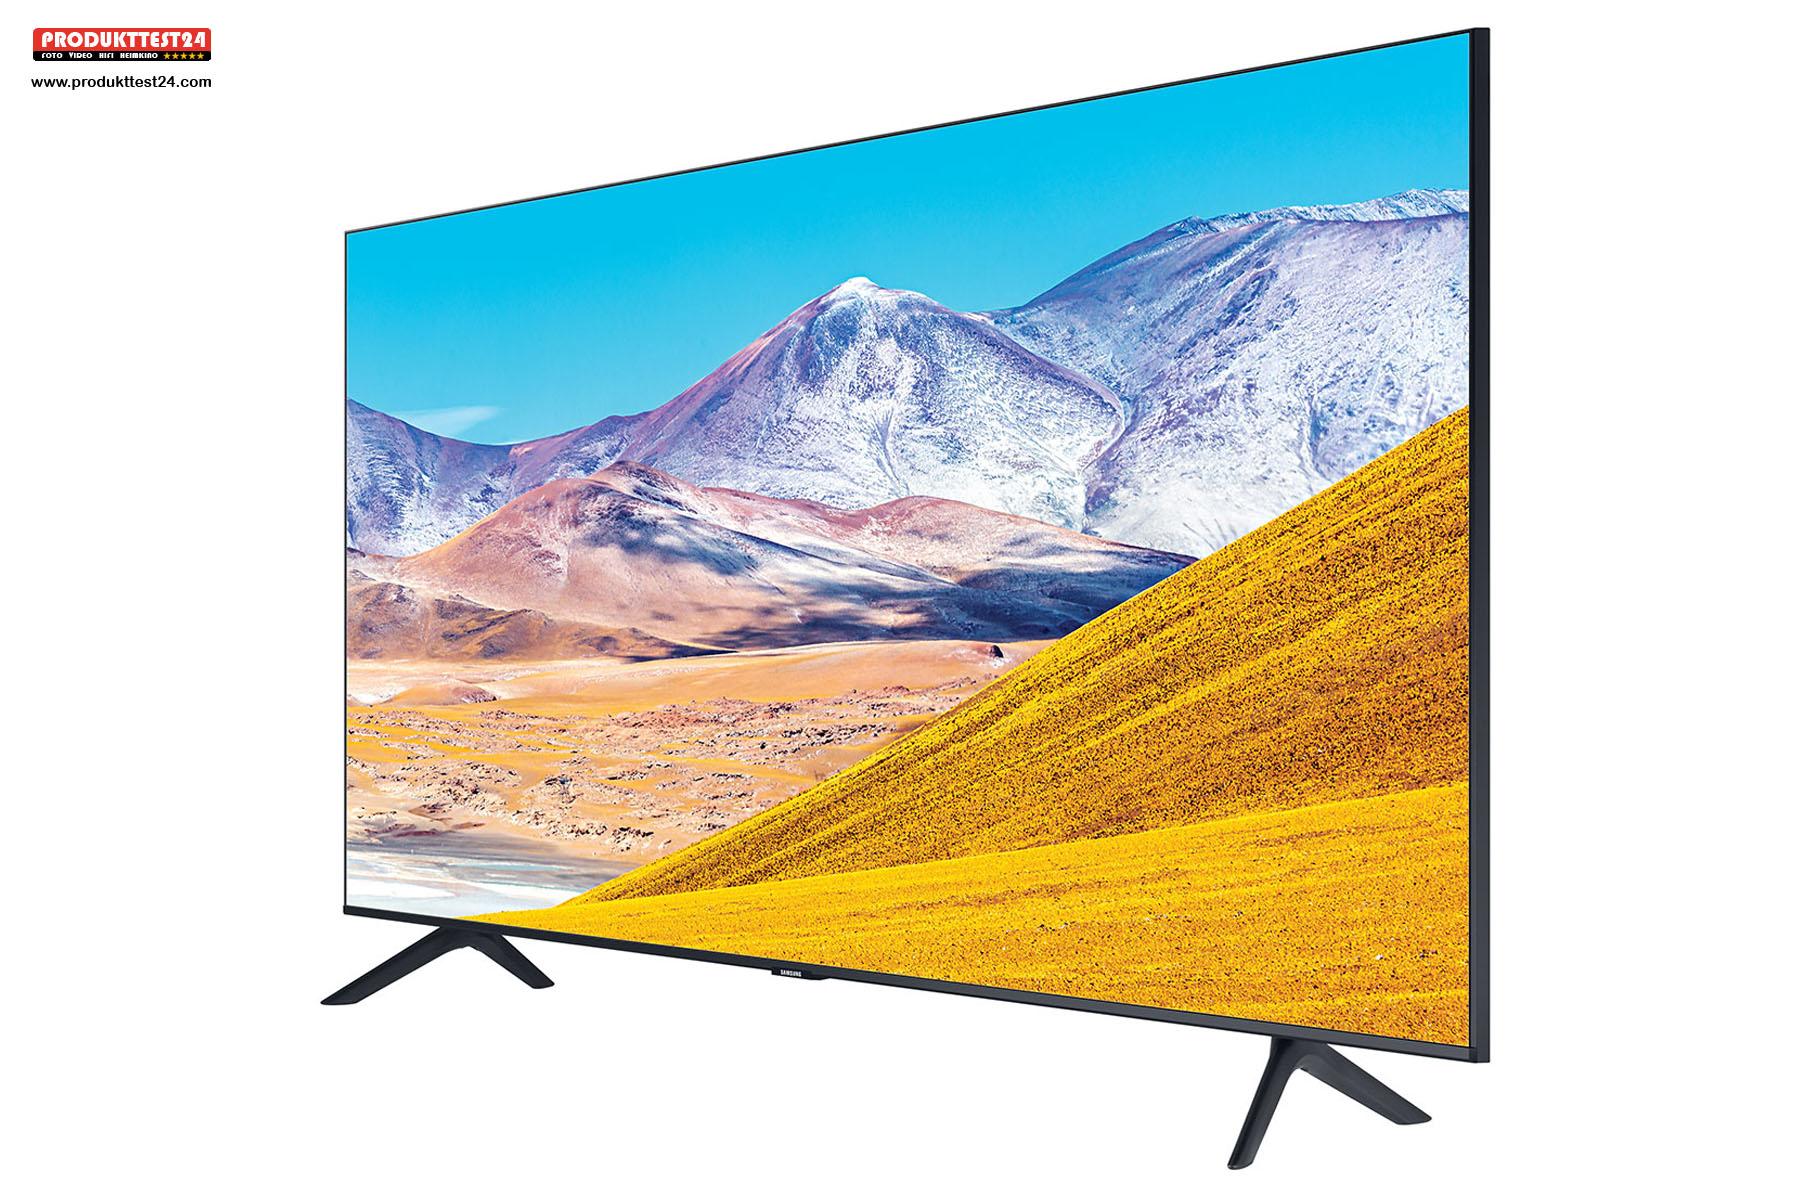 Samsung GU55TU8079 UHD 4K-Fernseher mit SmartTV, Sprachsteuerung und Triple Tuner